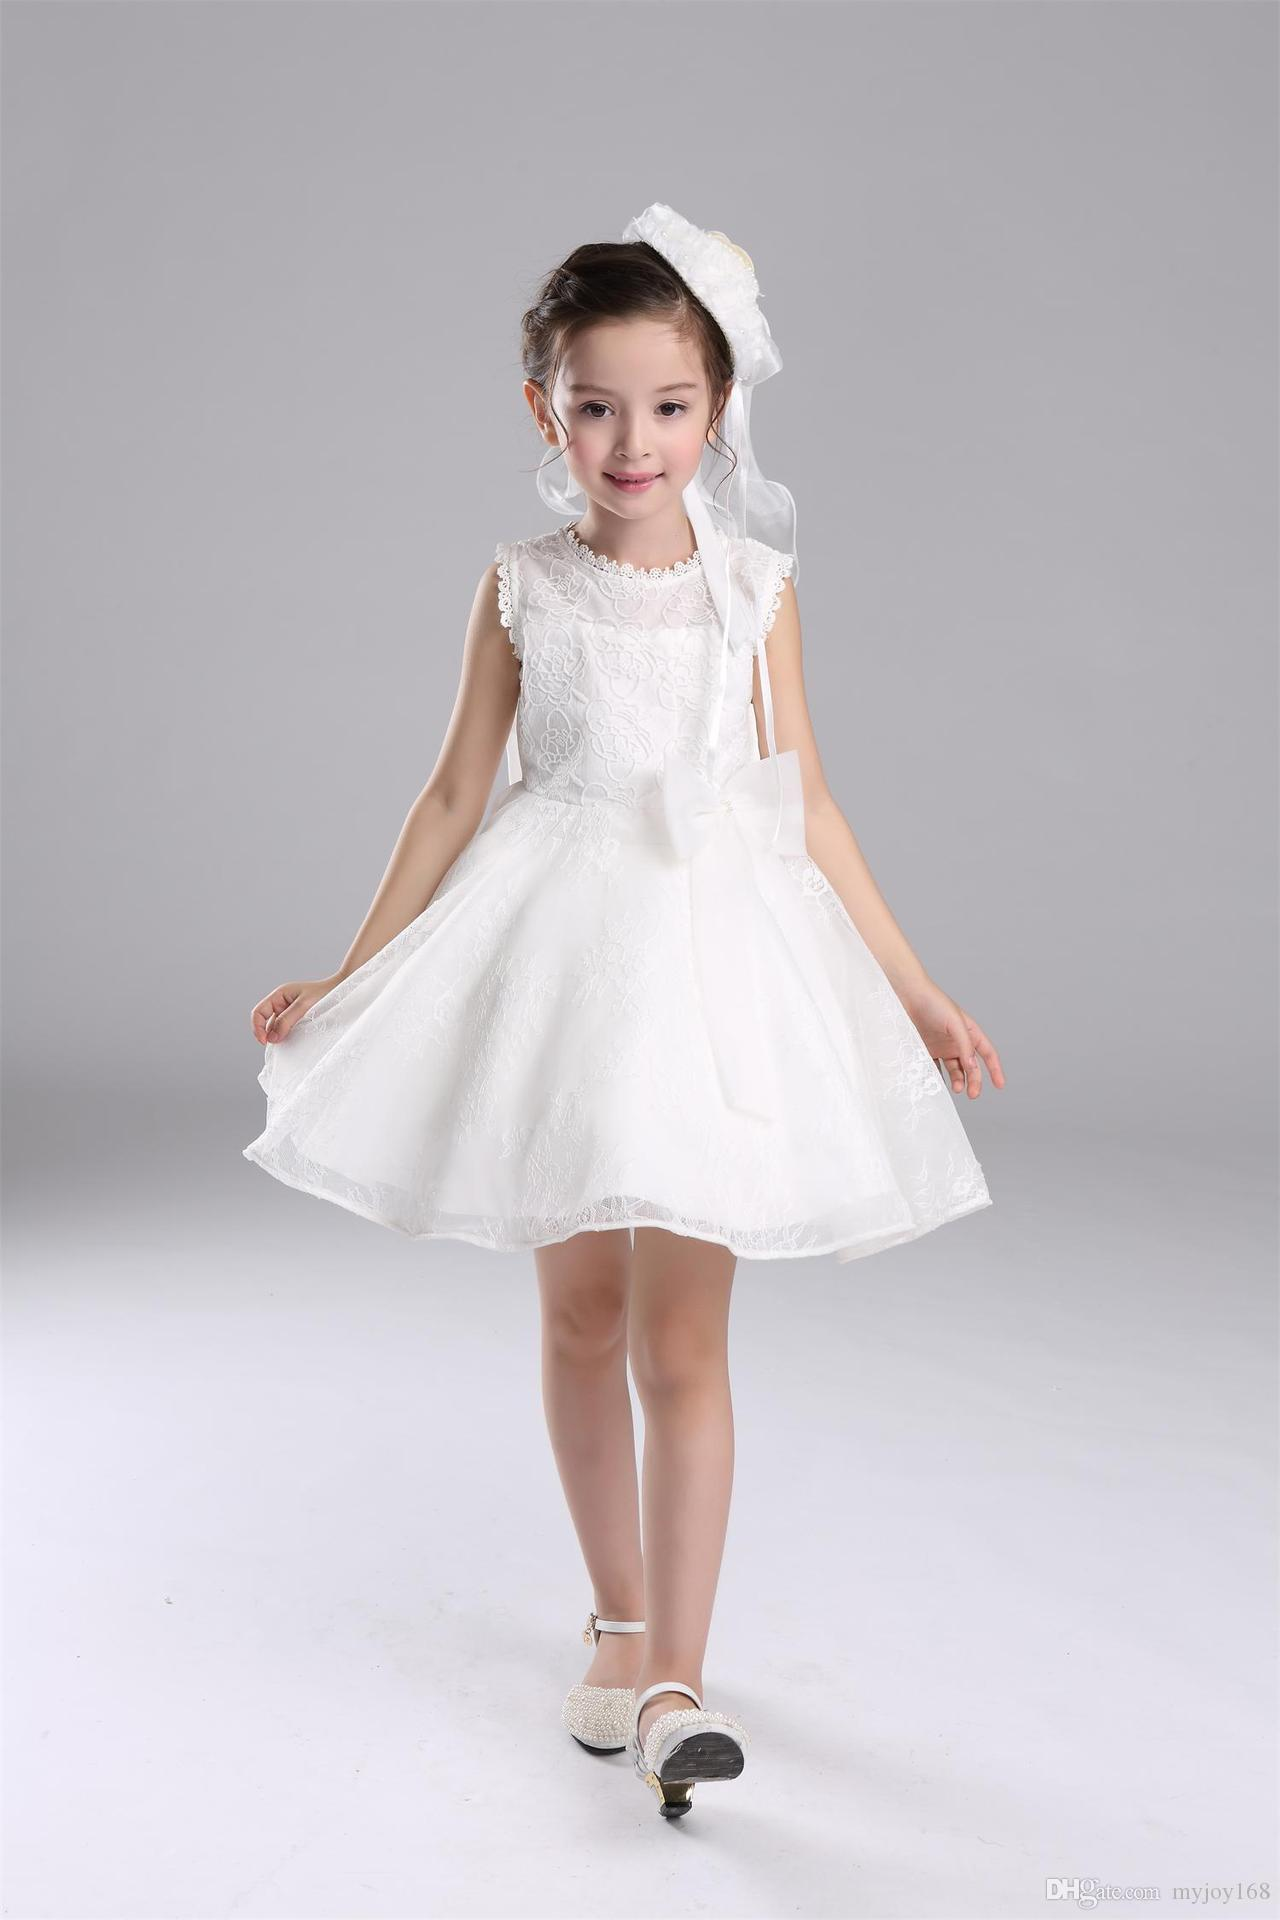 2016 New Design Flower Girl Dresses Children Wedding Dress